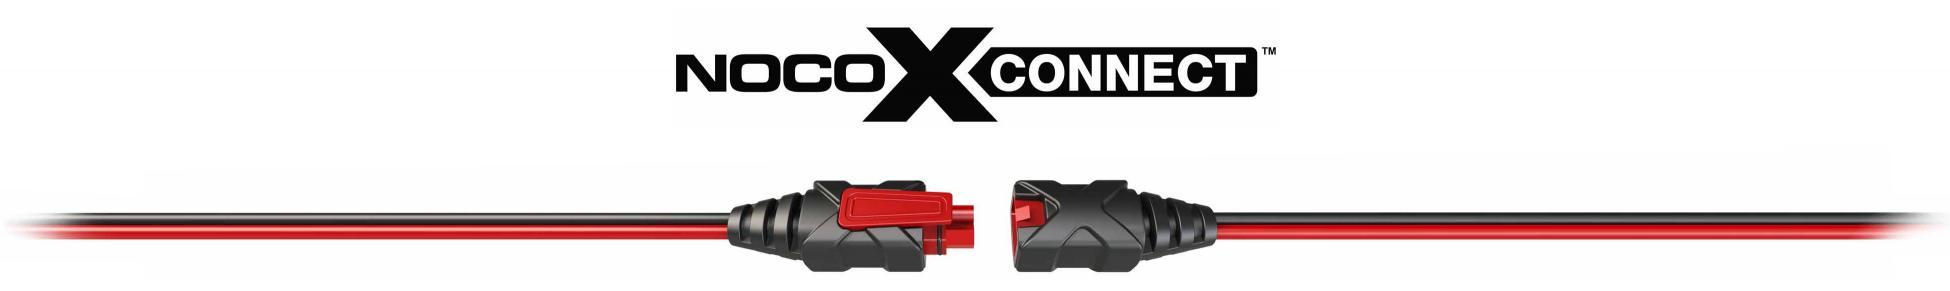 X-Connect-NOCO-genius-interchangeable-ba